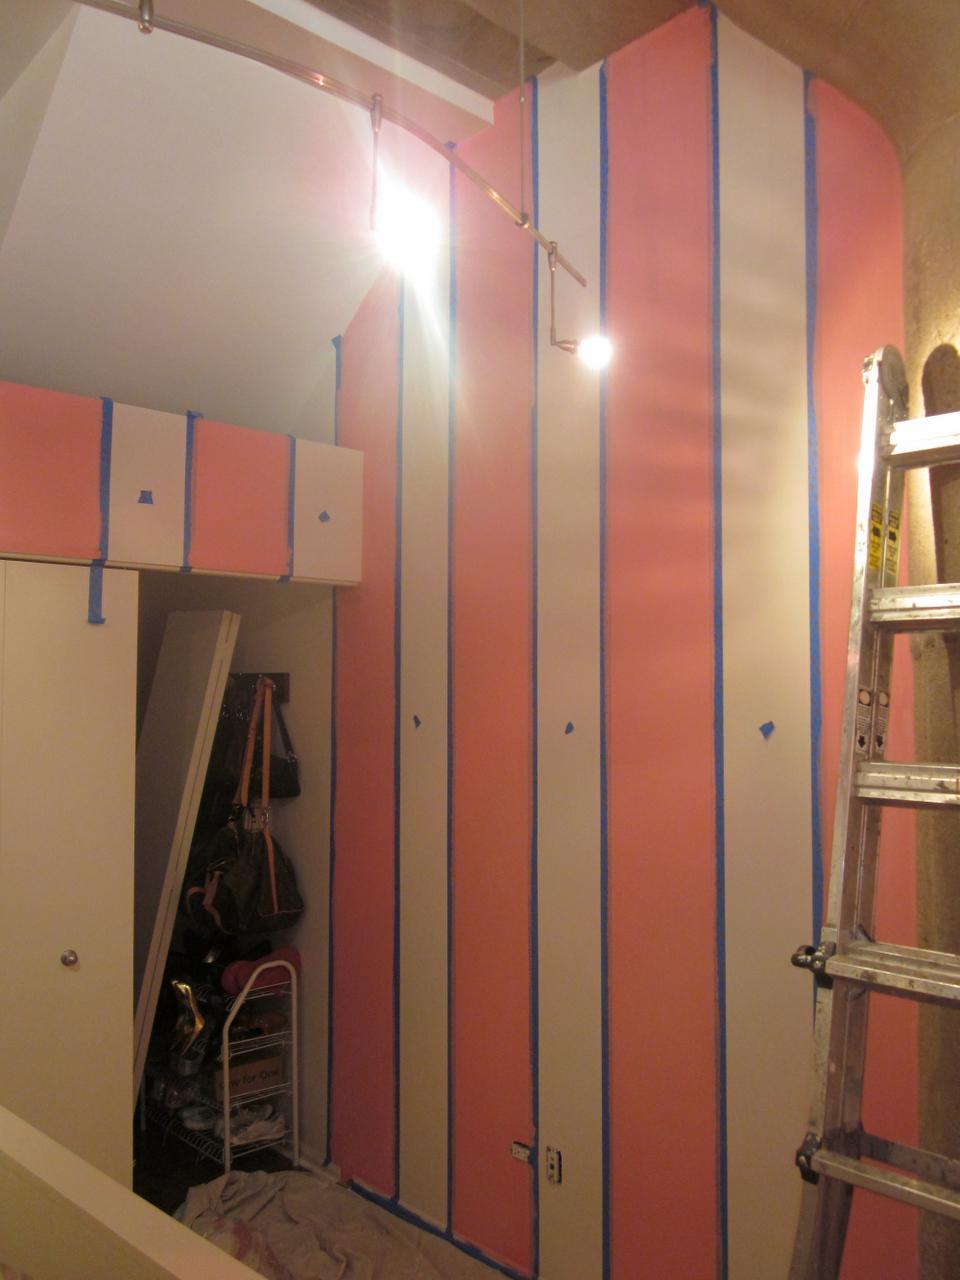 2017.10.30_Vertical_Stripes_West_Loop_condo_painting - Windy-Painters-_-West-Loop-condominium-vertical-stripes-11.jpg